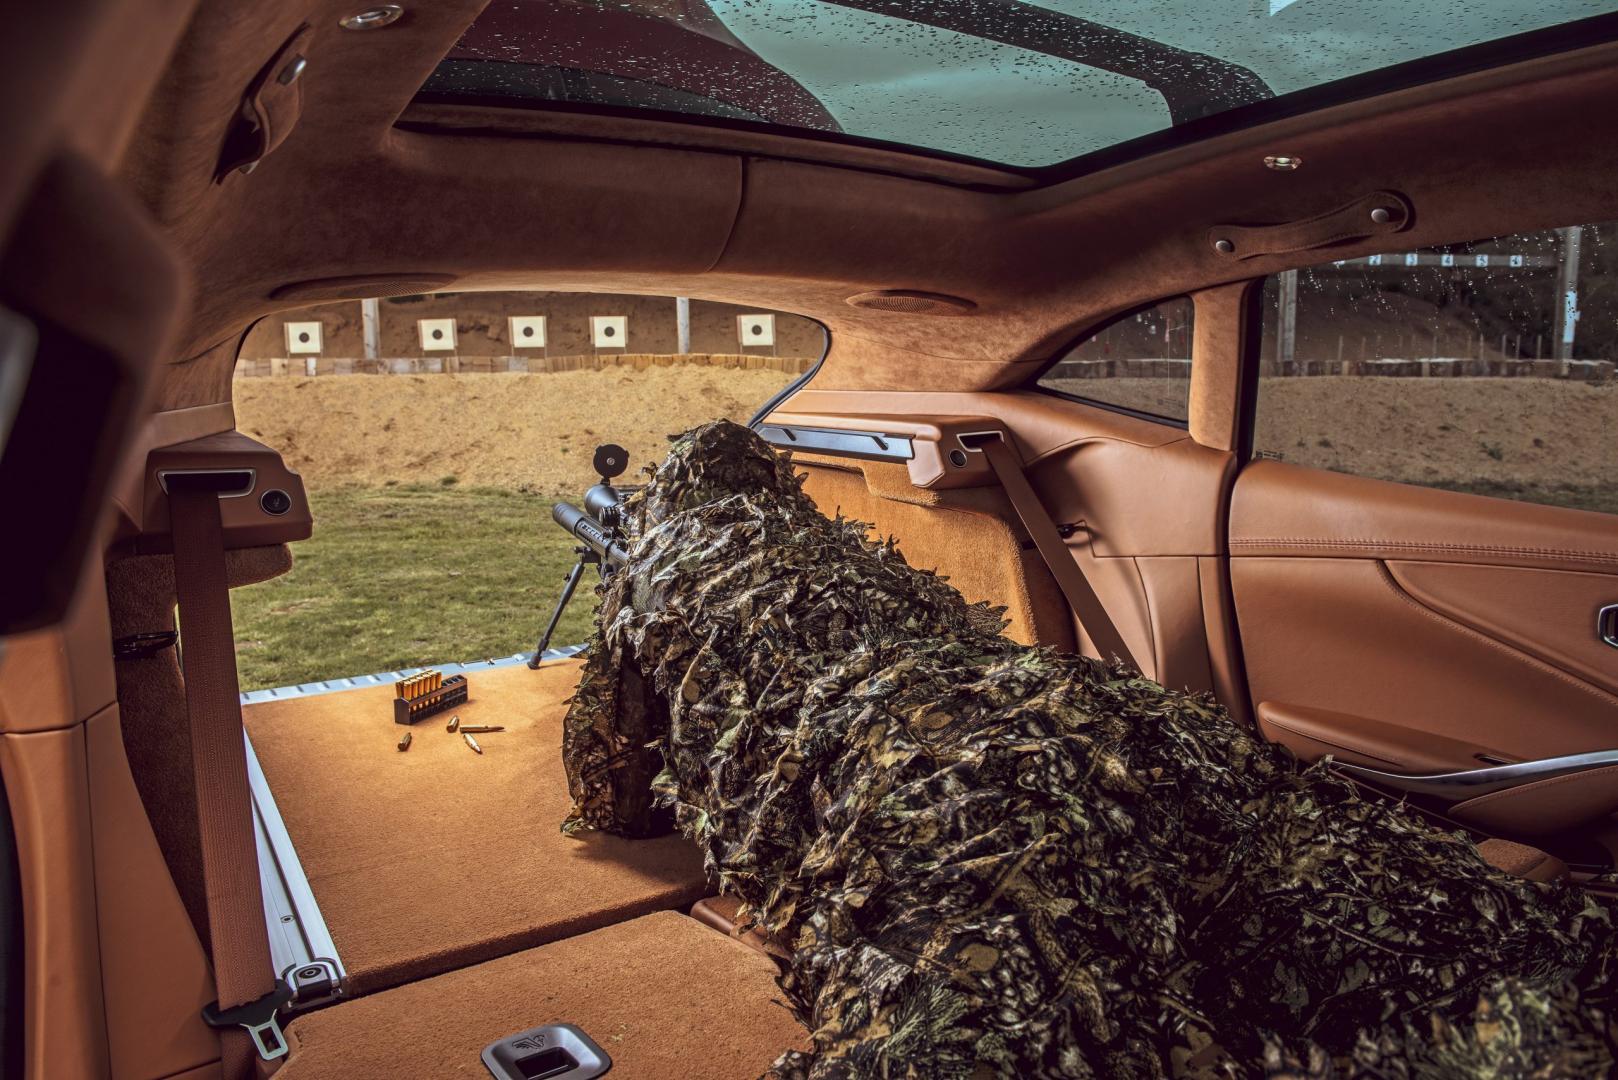 Aston Martin DBX 2020 sluipschutter